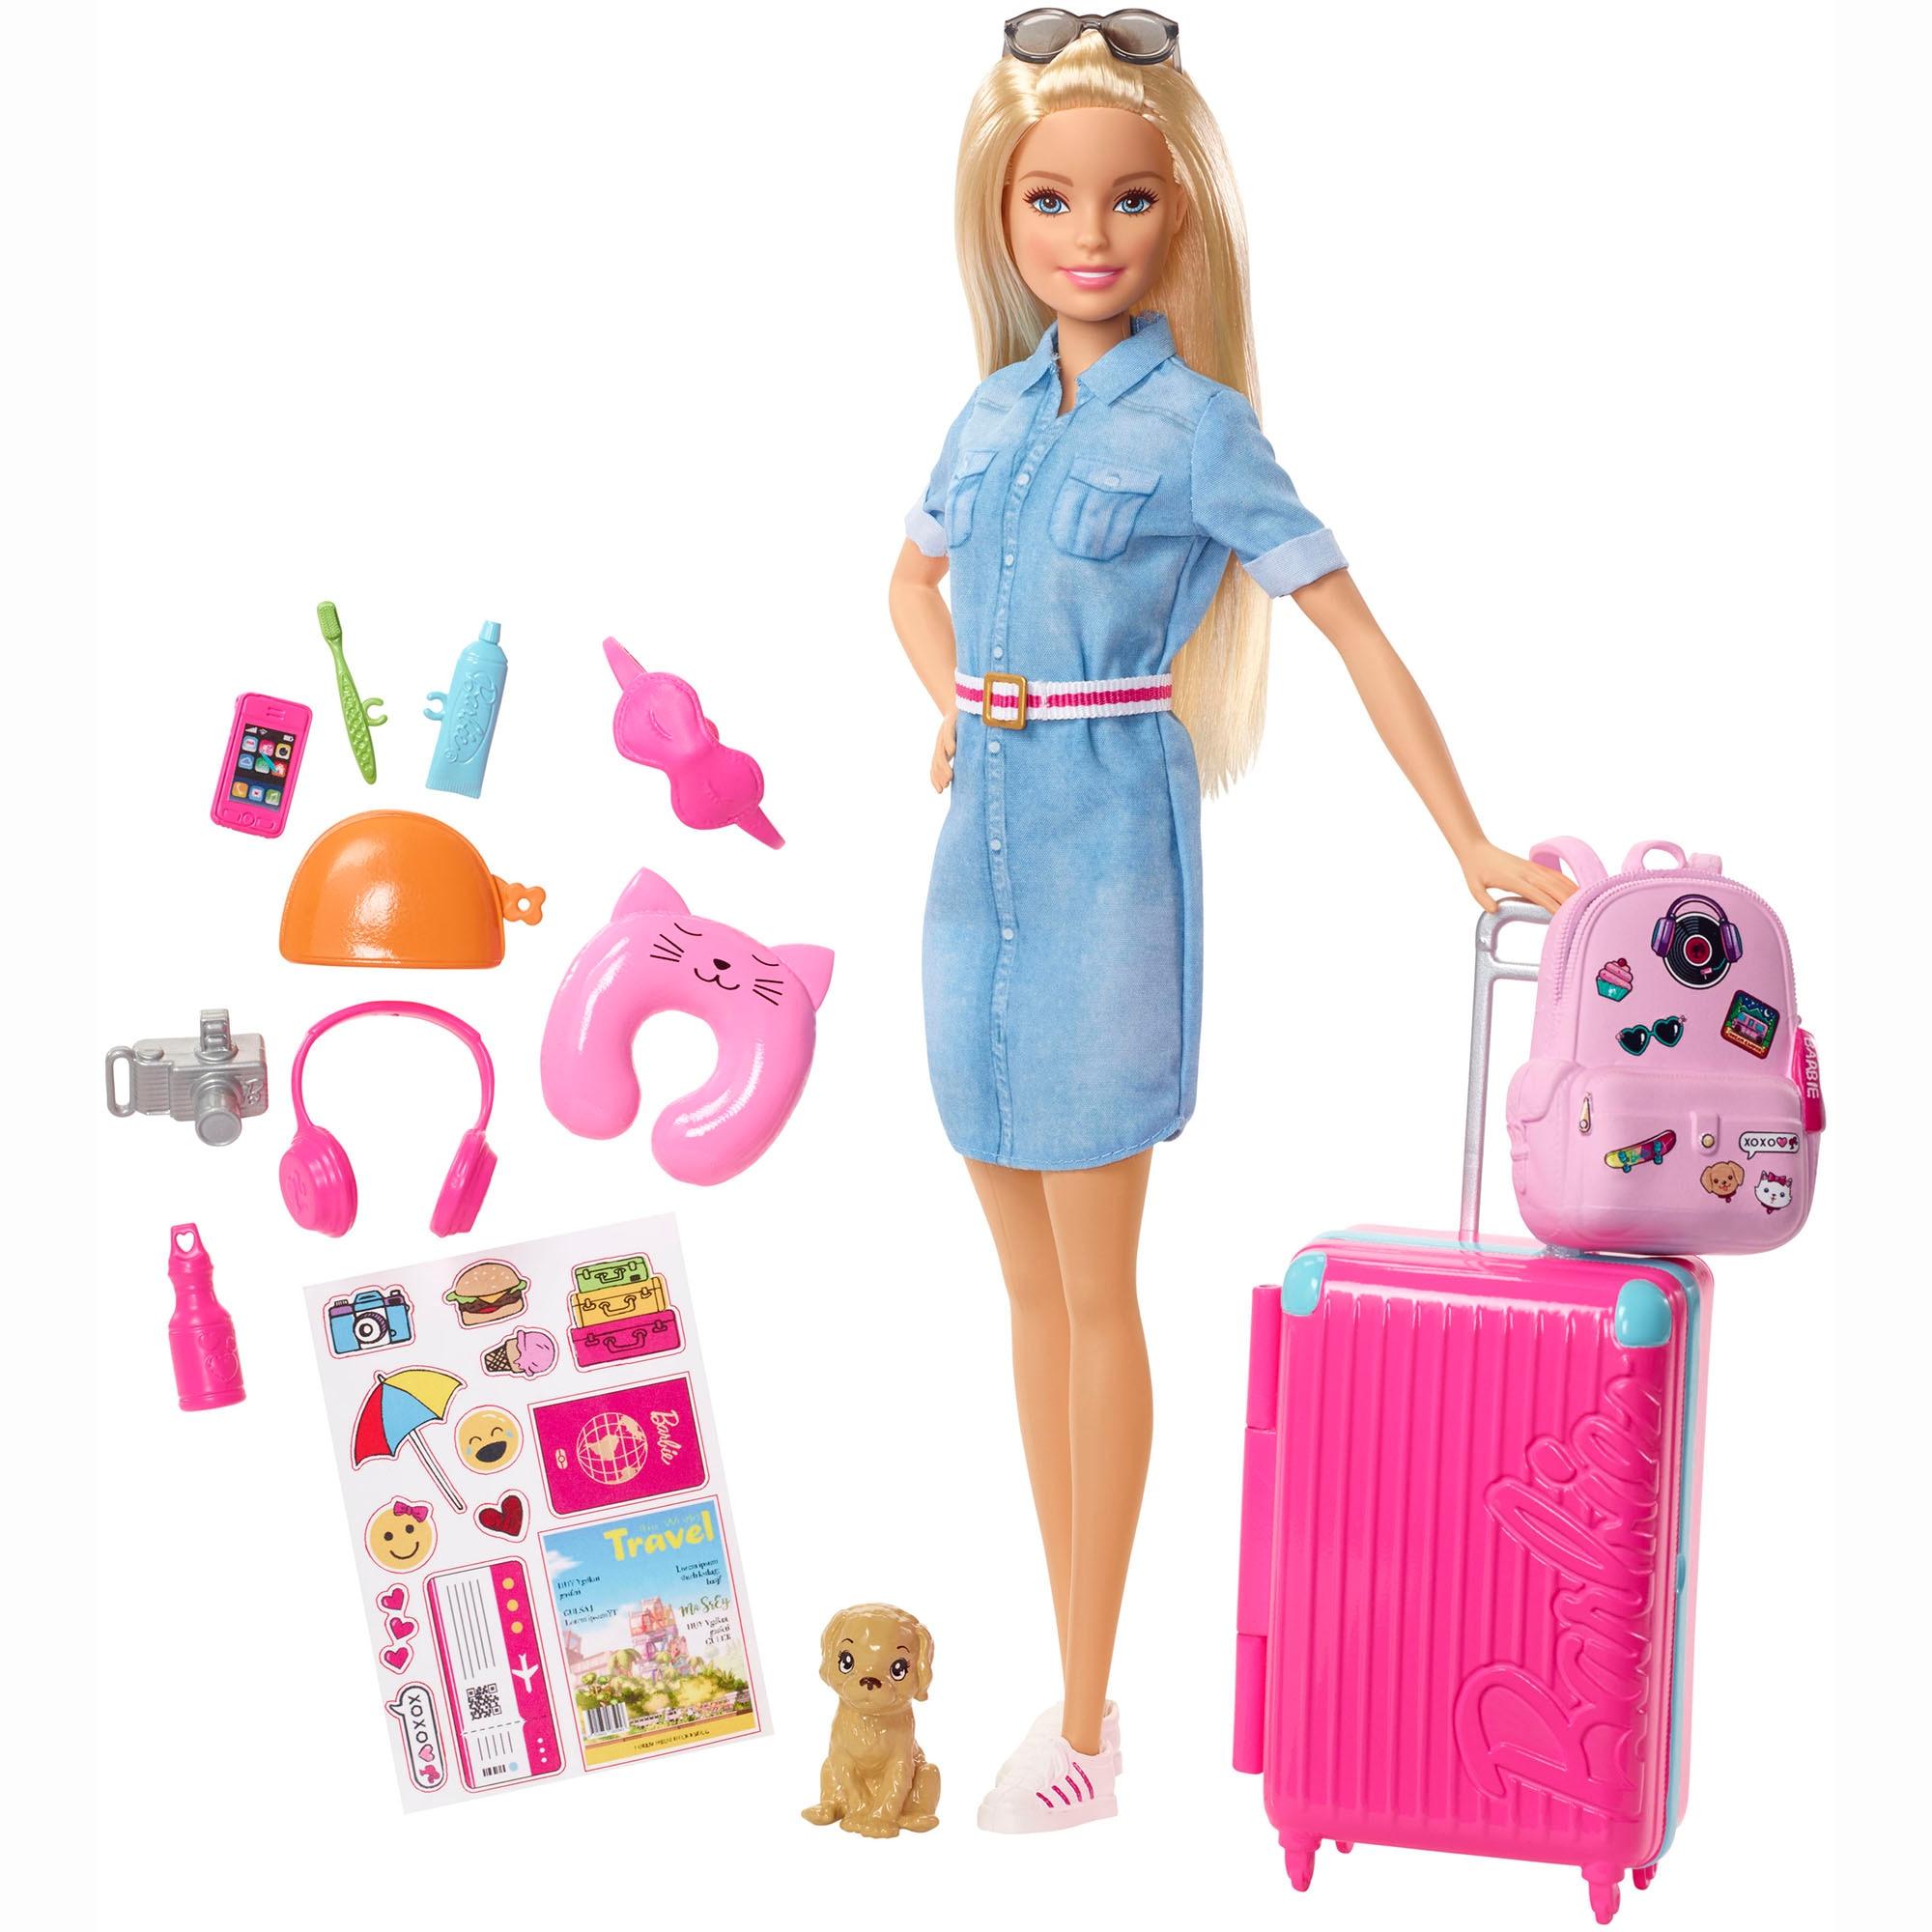 Fotografie Set de joaca Barbie® Dreamhouse - In vacanta